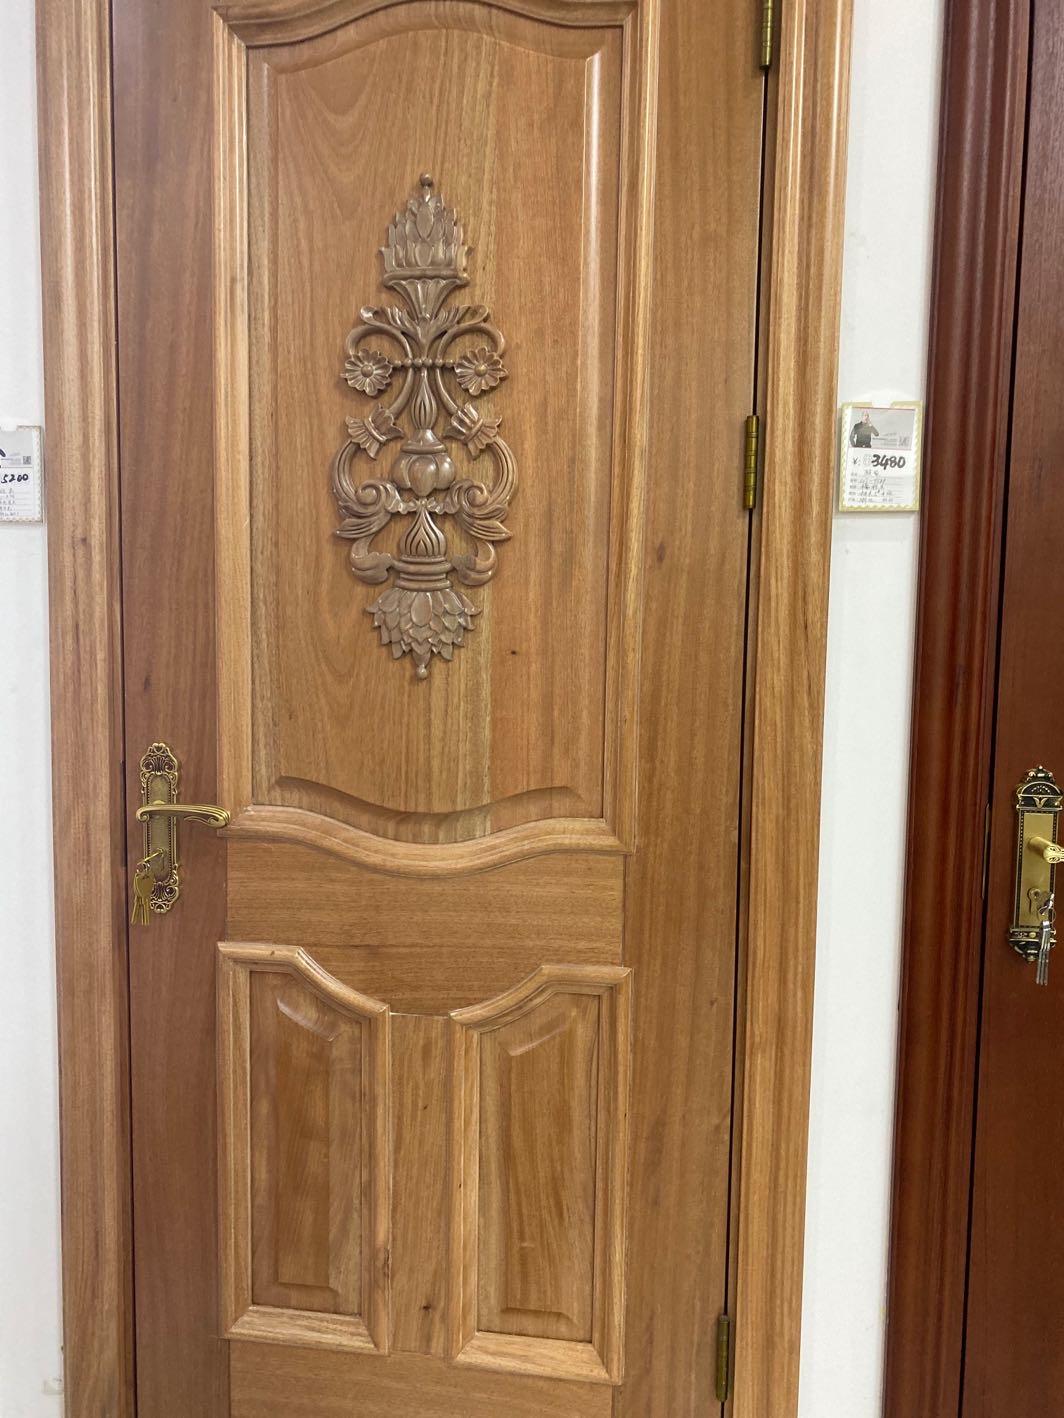 原木门纯实木门套装门卧室房间门现代简约定制烤漆木门室内门家用